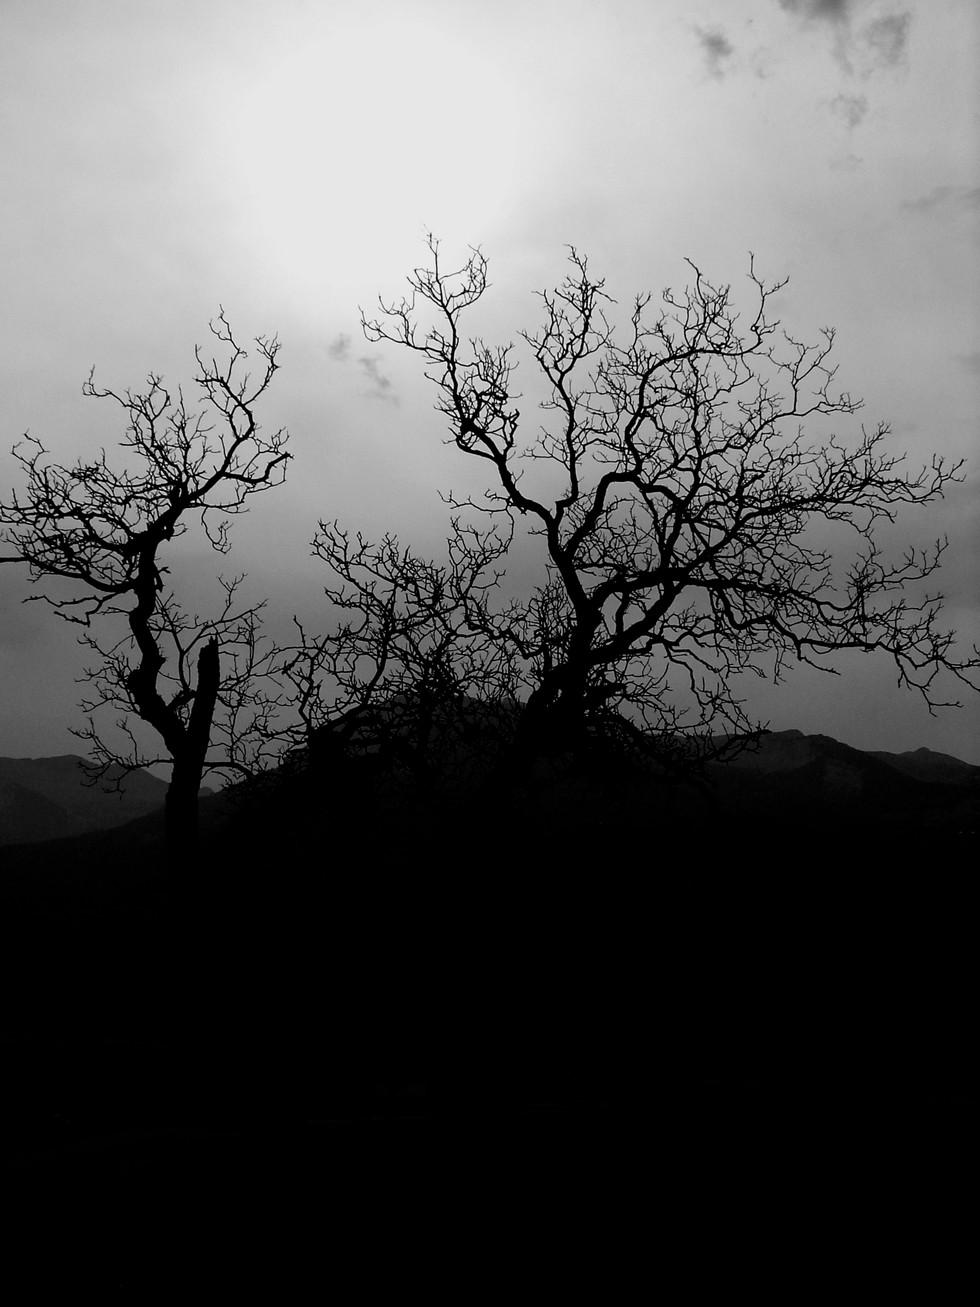 silhouette d'un arbre l'hiver photographié à contre jour noir et blanc